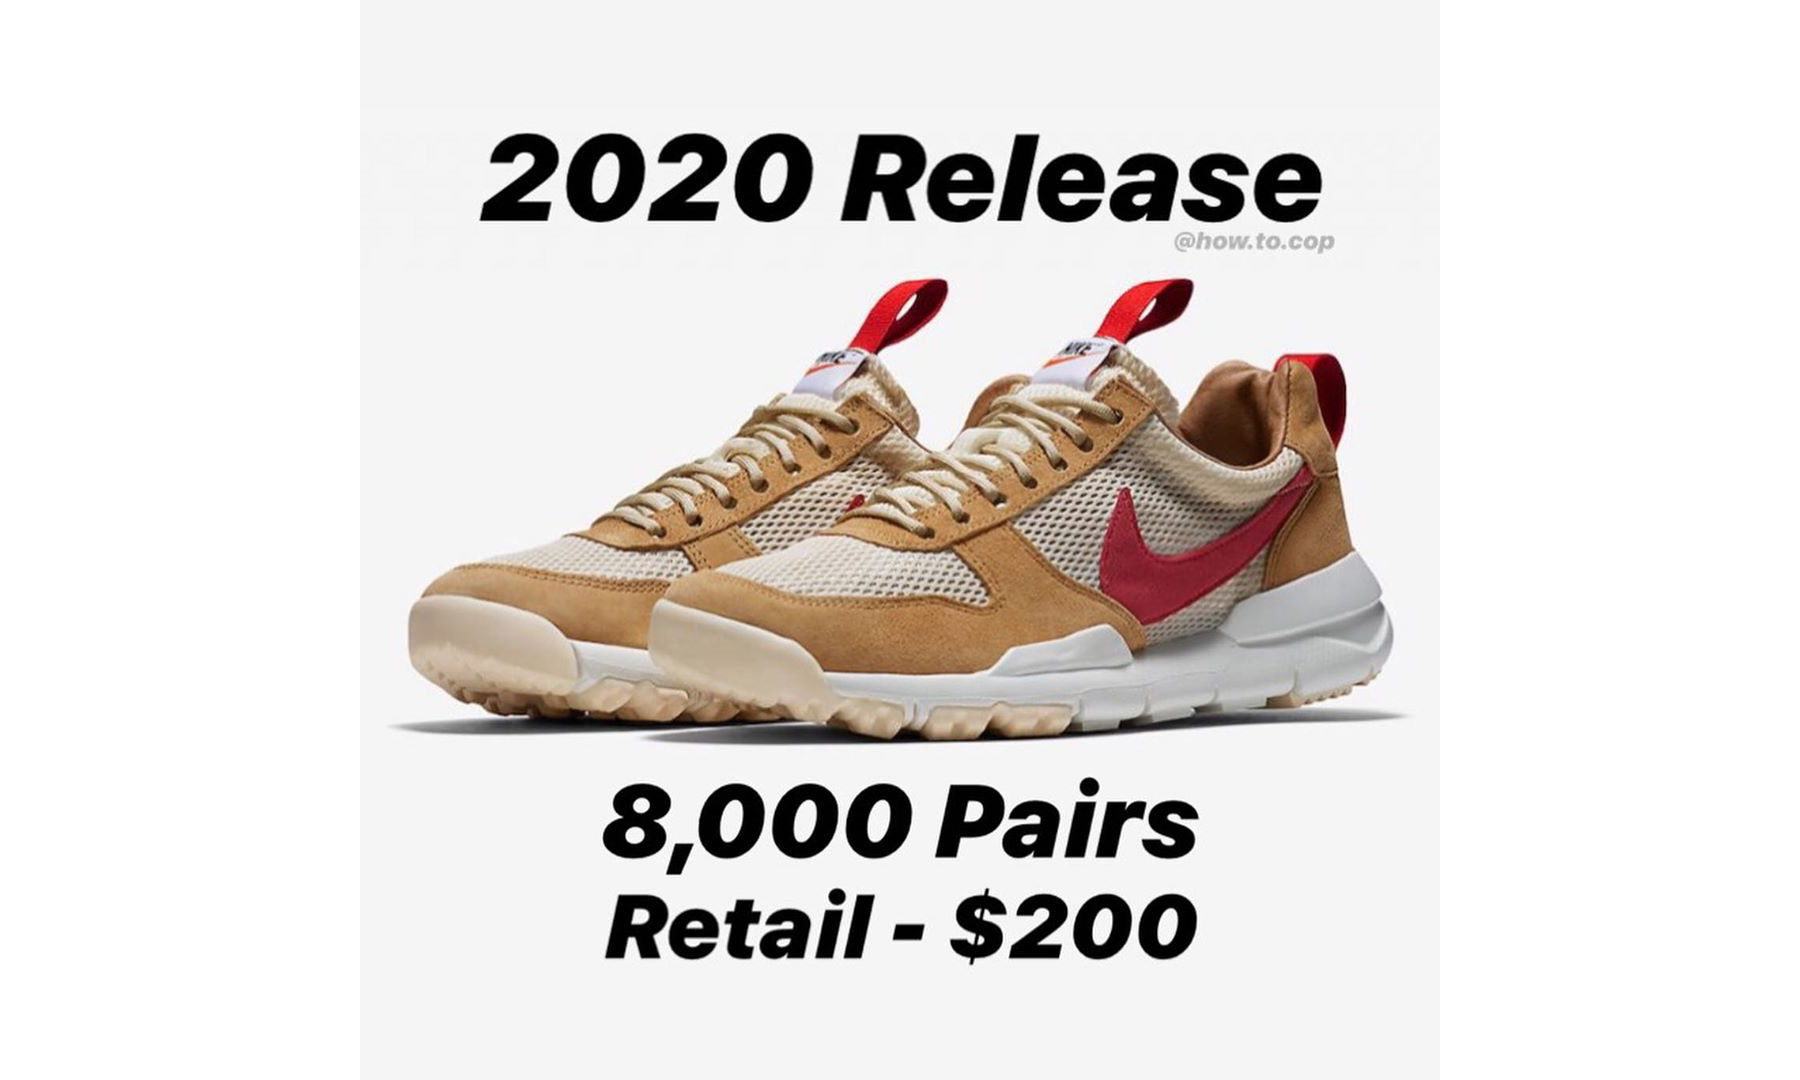 Tom Sachs x Nike Mars Yard 3.0 预计将有 8,000 双货量